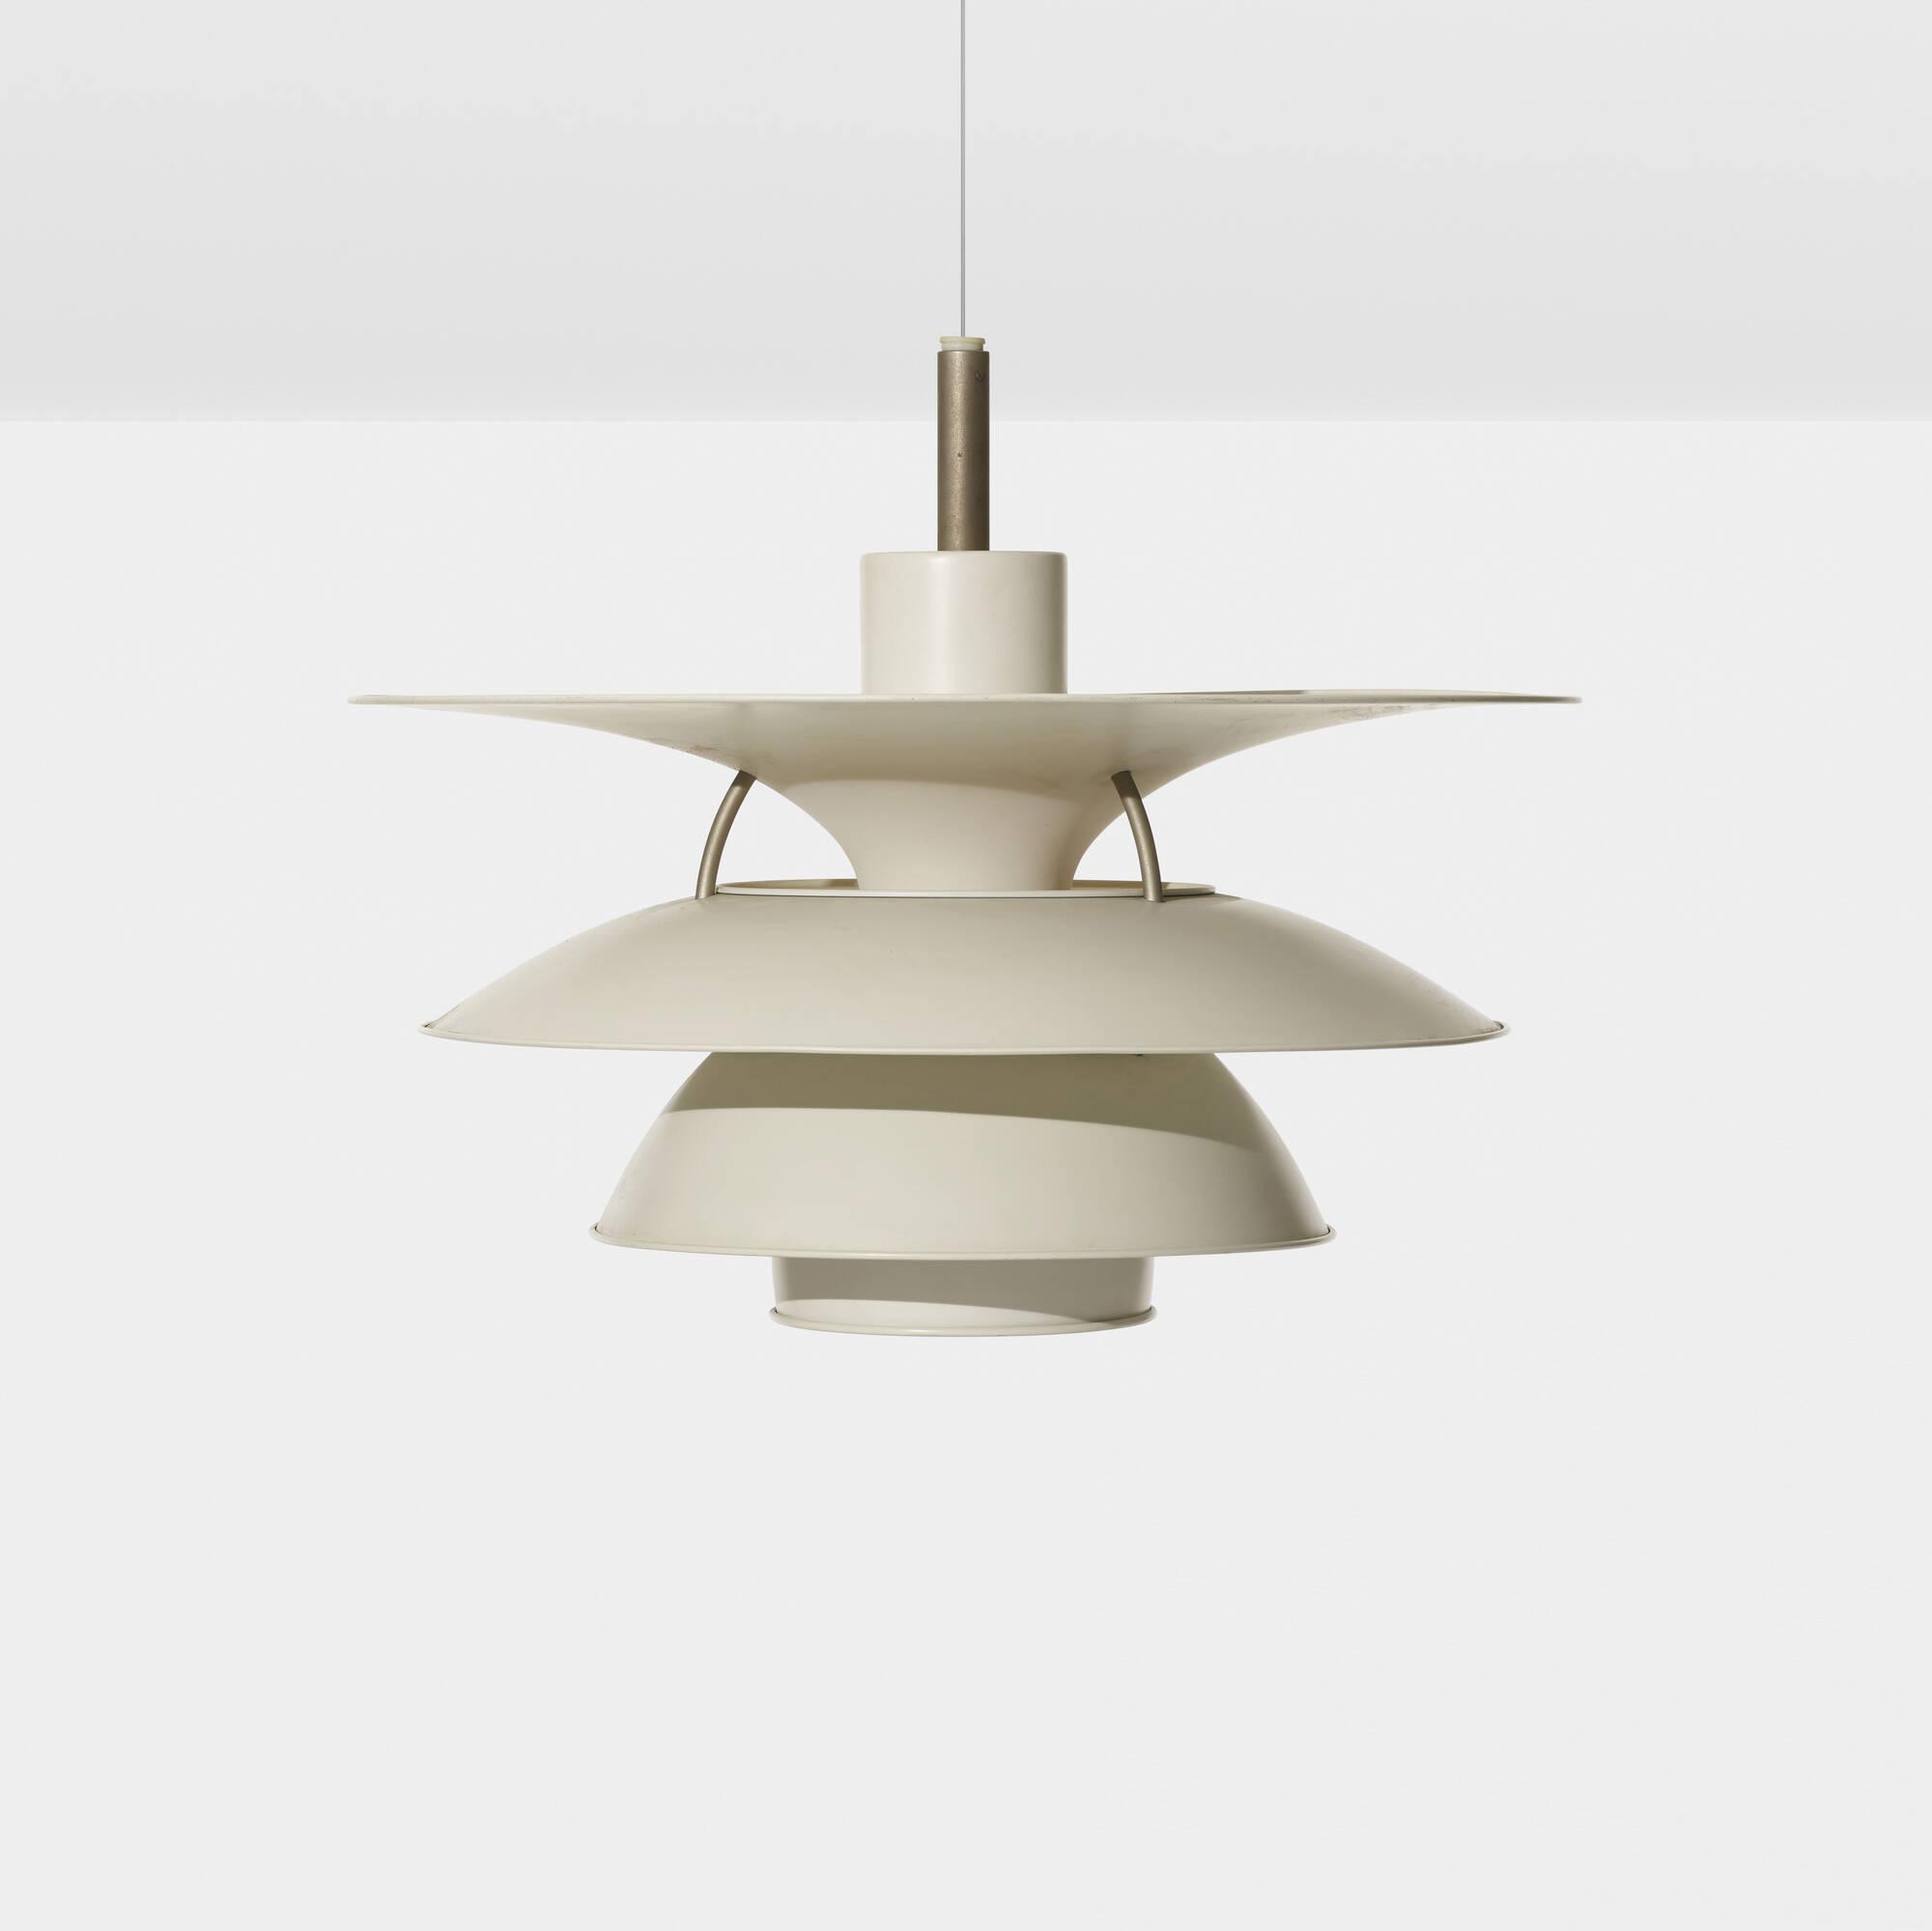 346: Poul Henningsen / PH 6.5/6 pendant lamp (1 of 1)